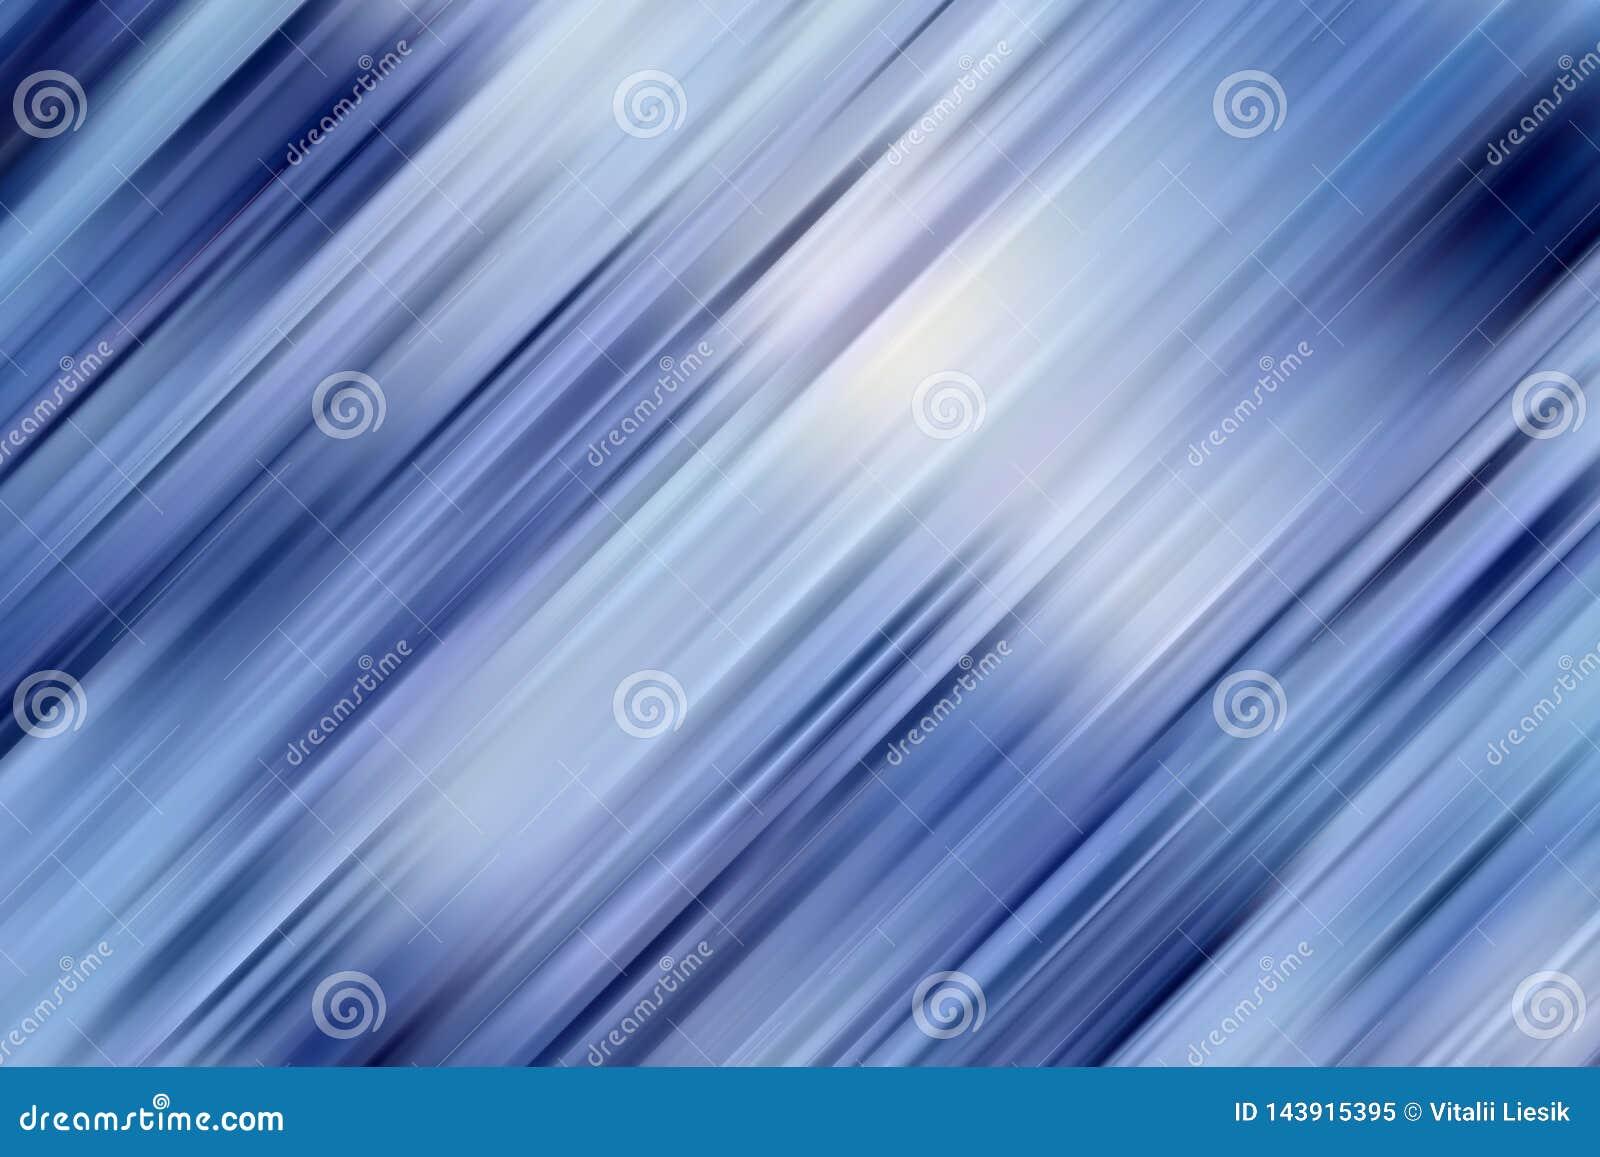 Las líneas rectas resumen la línea azul fondo del fondo del vector